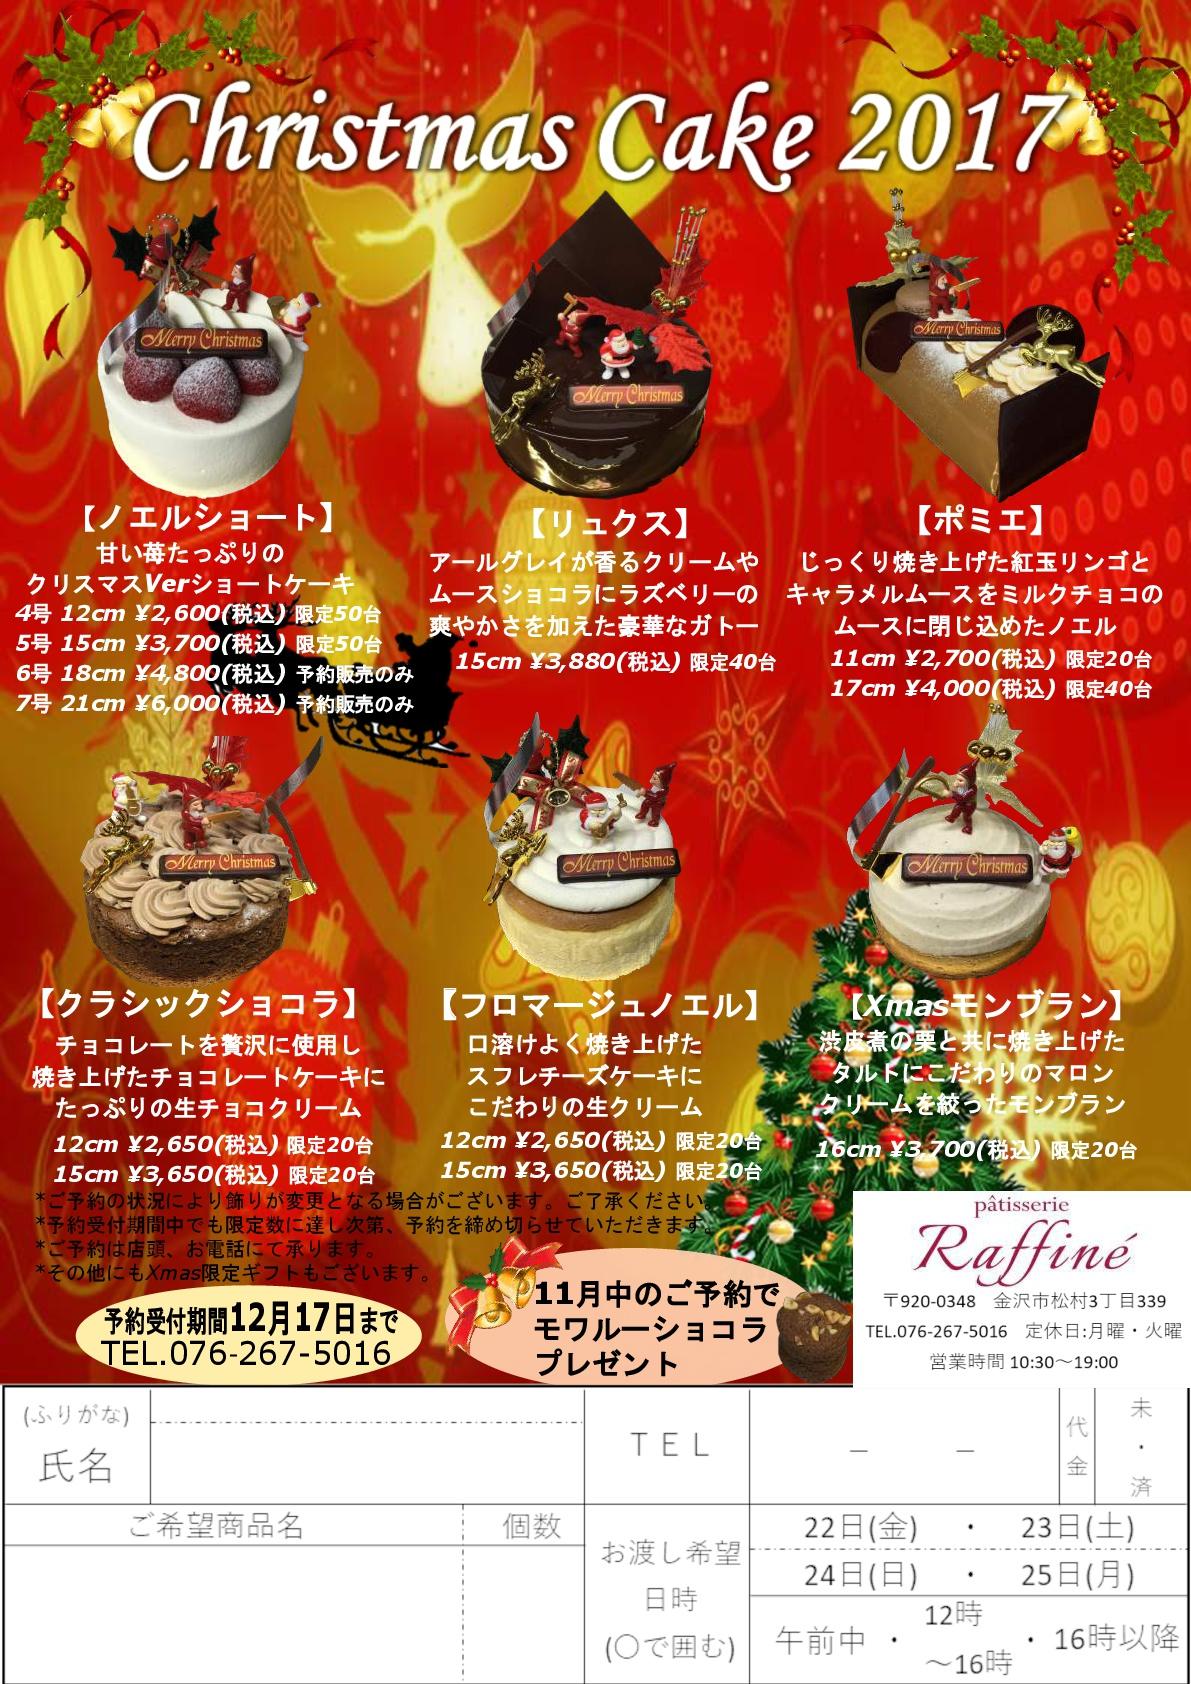 クリスマスチラシ2017 - コピー.compressed - コピー-001.jpg